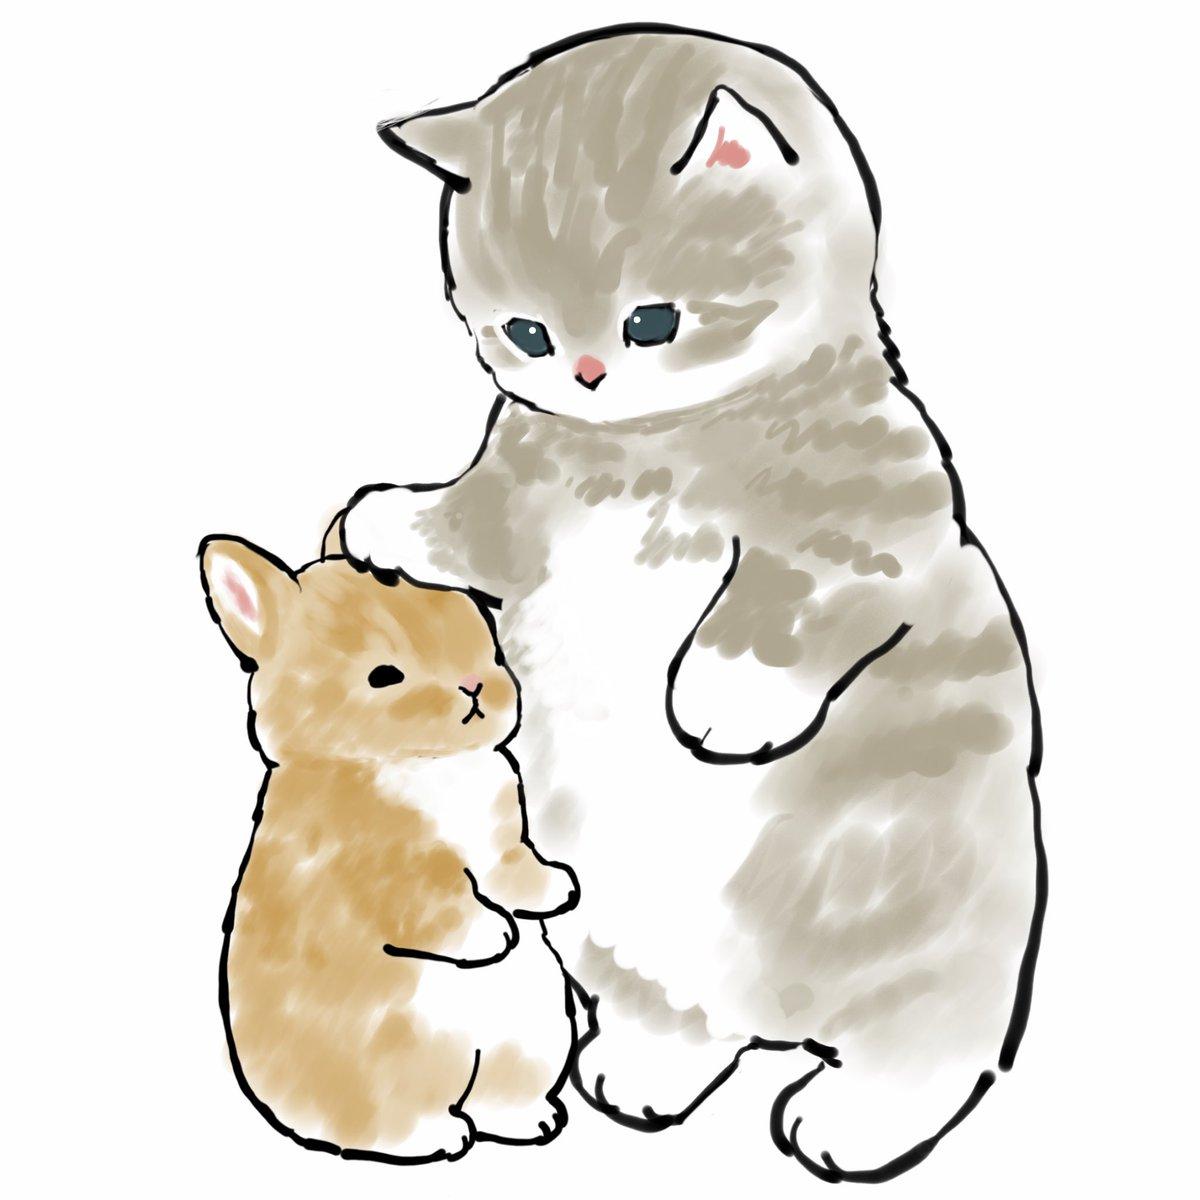 Topics tagged under 繪圖 on 紀由屋分享坊 ElgJkKCU0AEK4-U